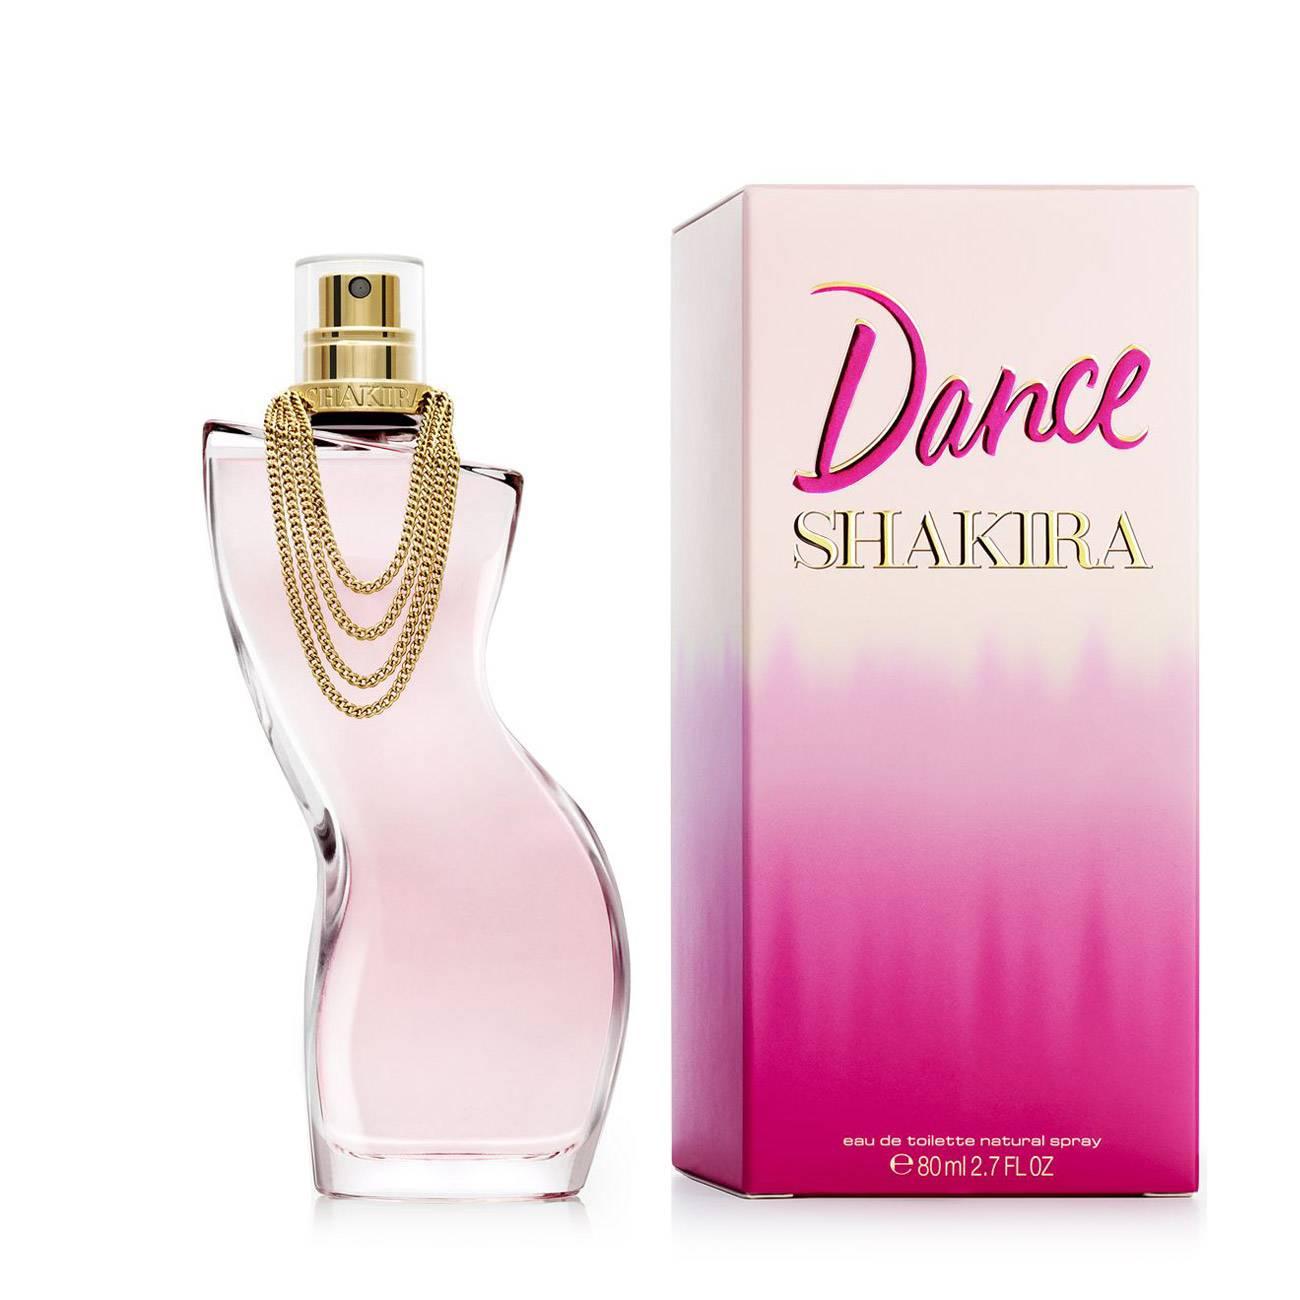 Dance Shakira 80ml